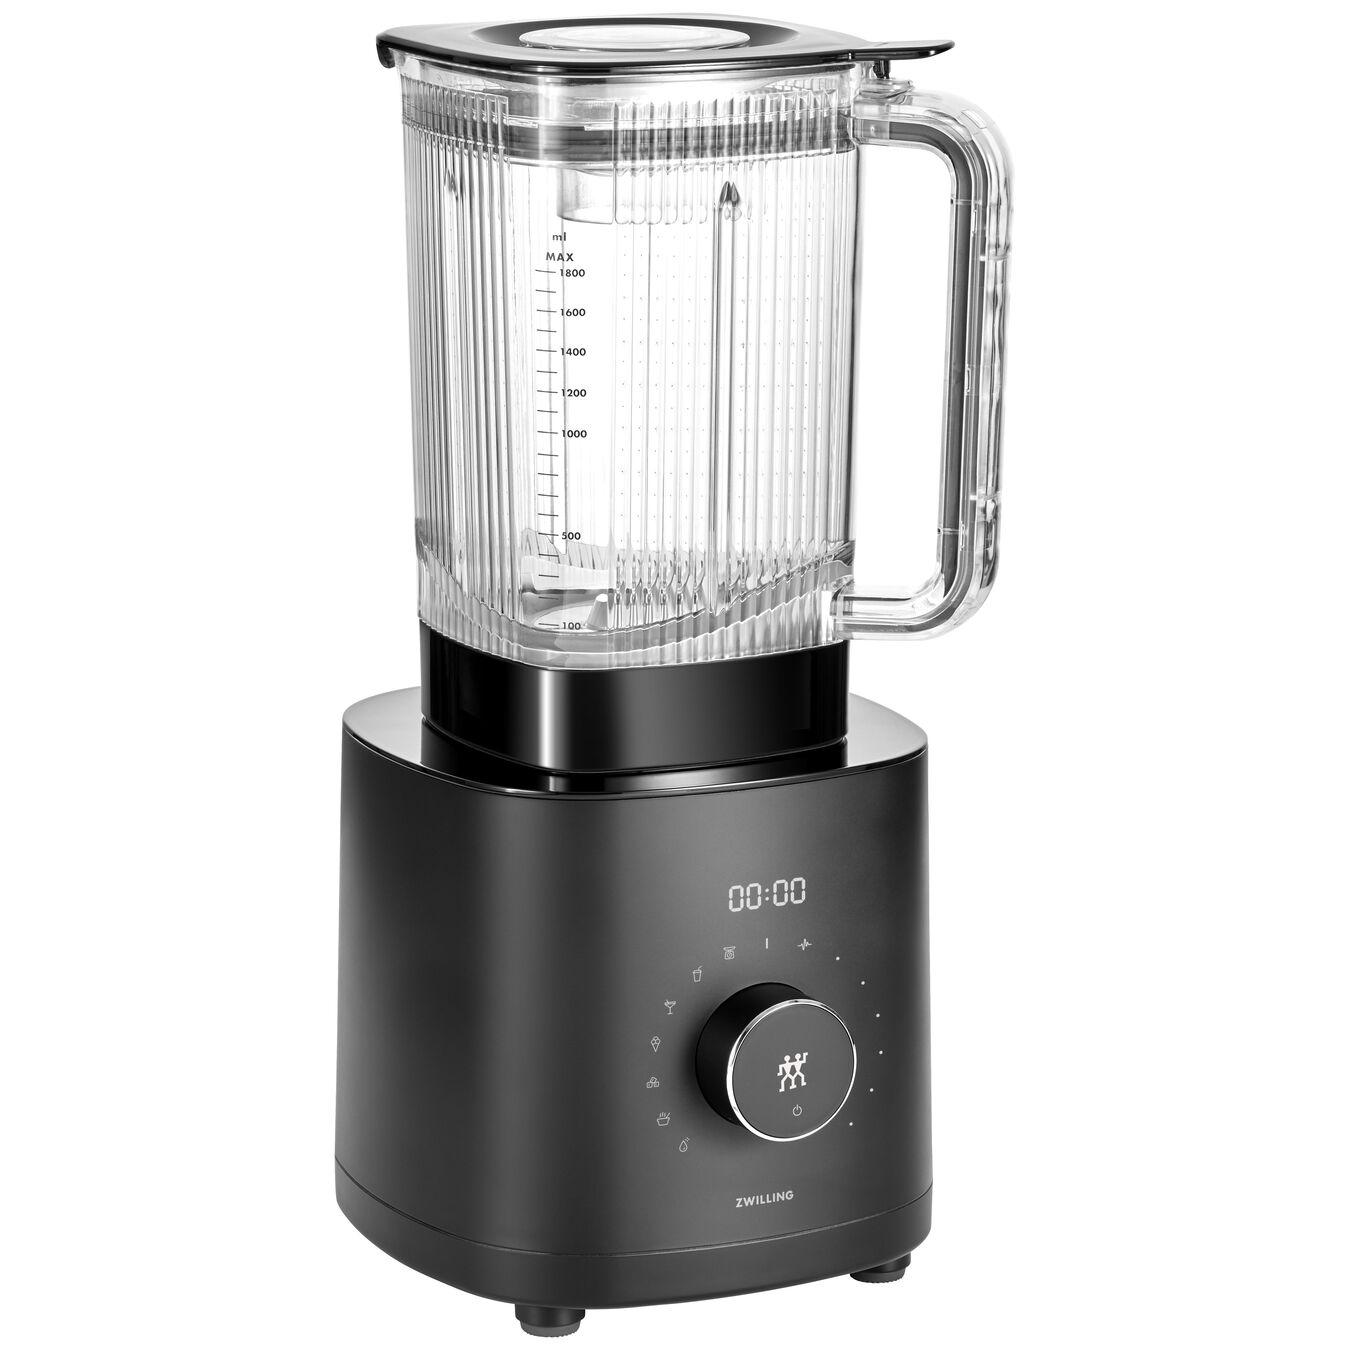 Power Blender Pro, BLDC Motor, Noir,,large 4